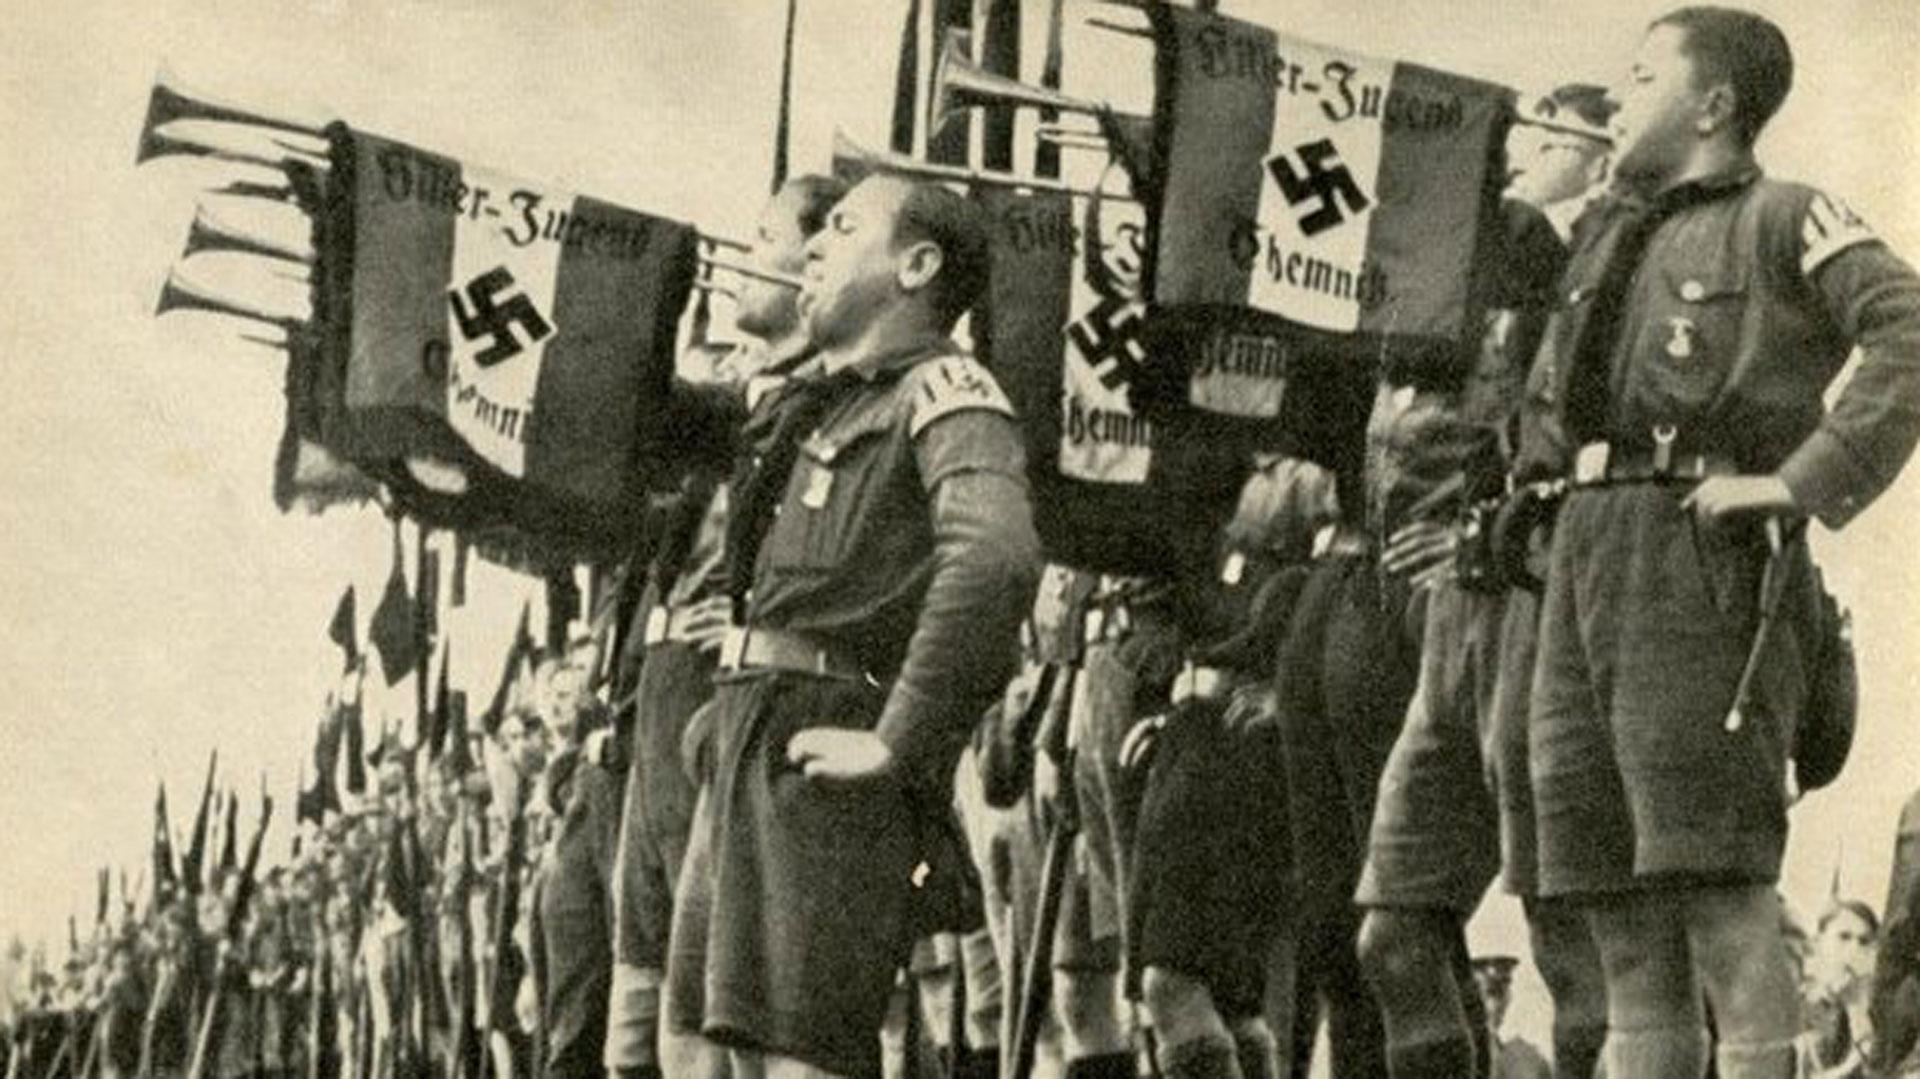 Se calcula que para 1940, en pleno apogeo del nazismo en Europa, las Juventudes Hitlerianas contaron con 8 millones de miembros entre sus filas. Muchos de ellos servirían a la maquinaria asesina del régimen